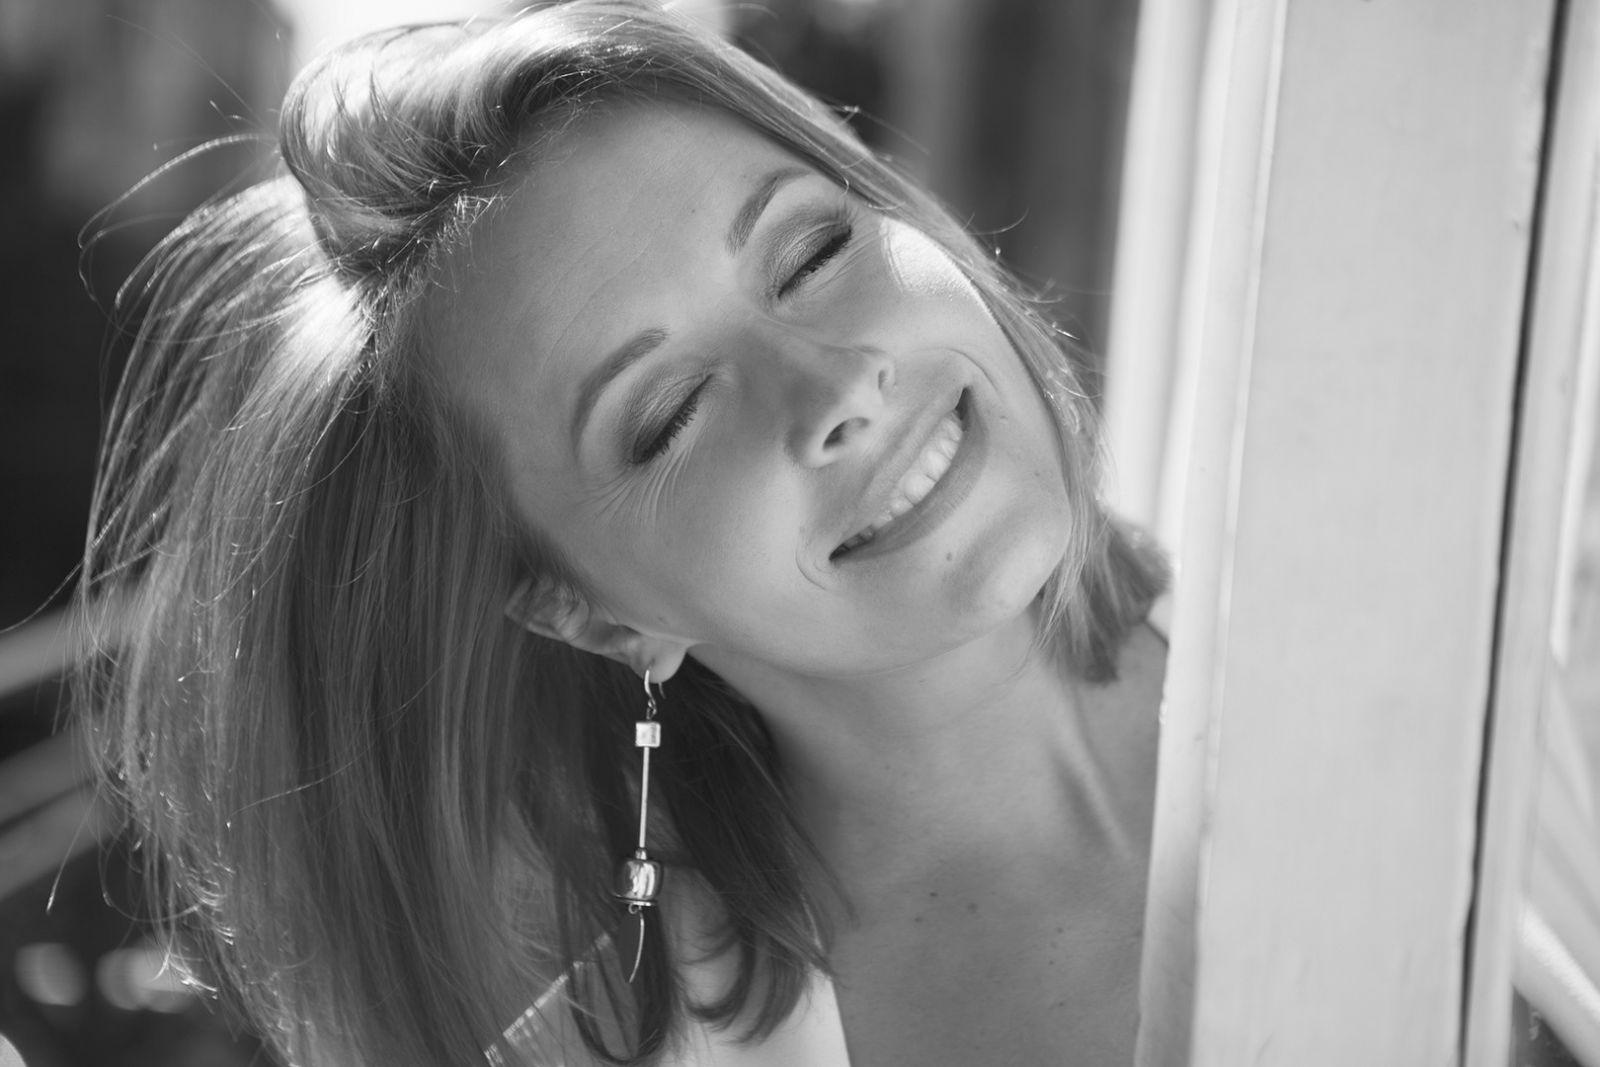 Елена Кравец продемонстрировала свою естественную красоту